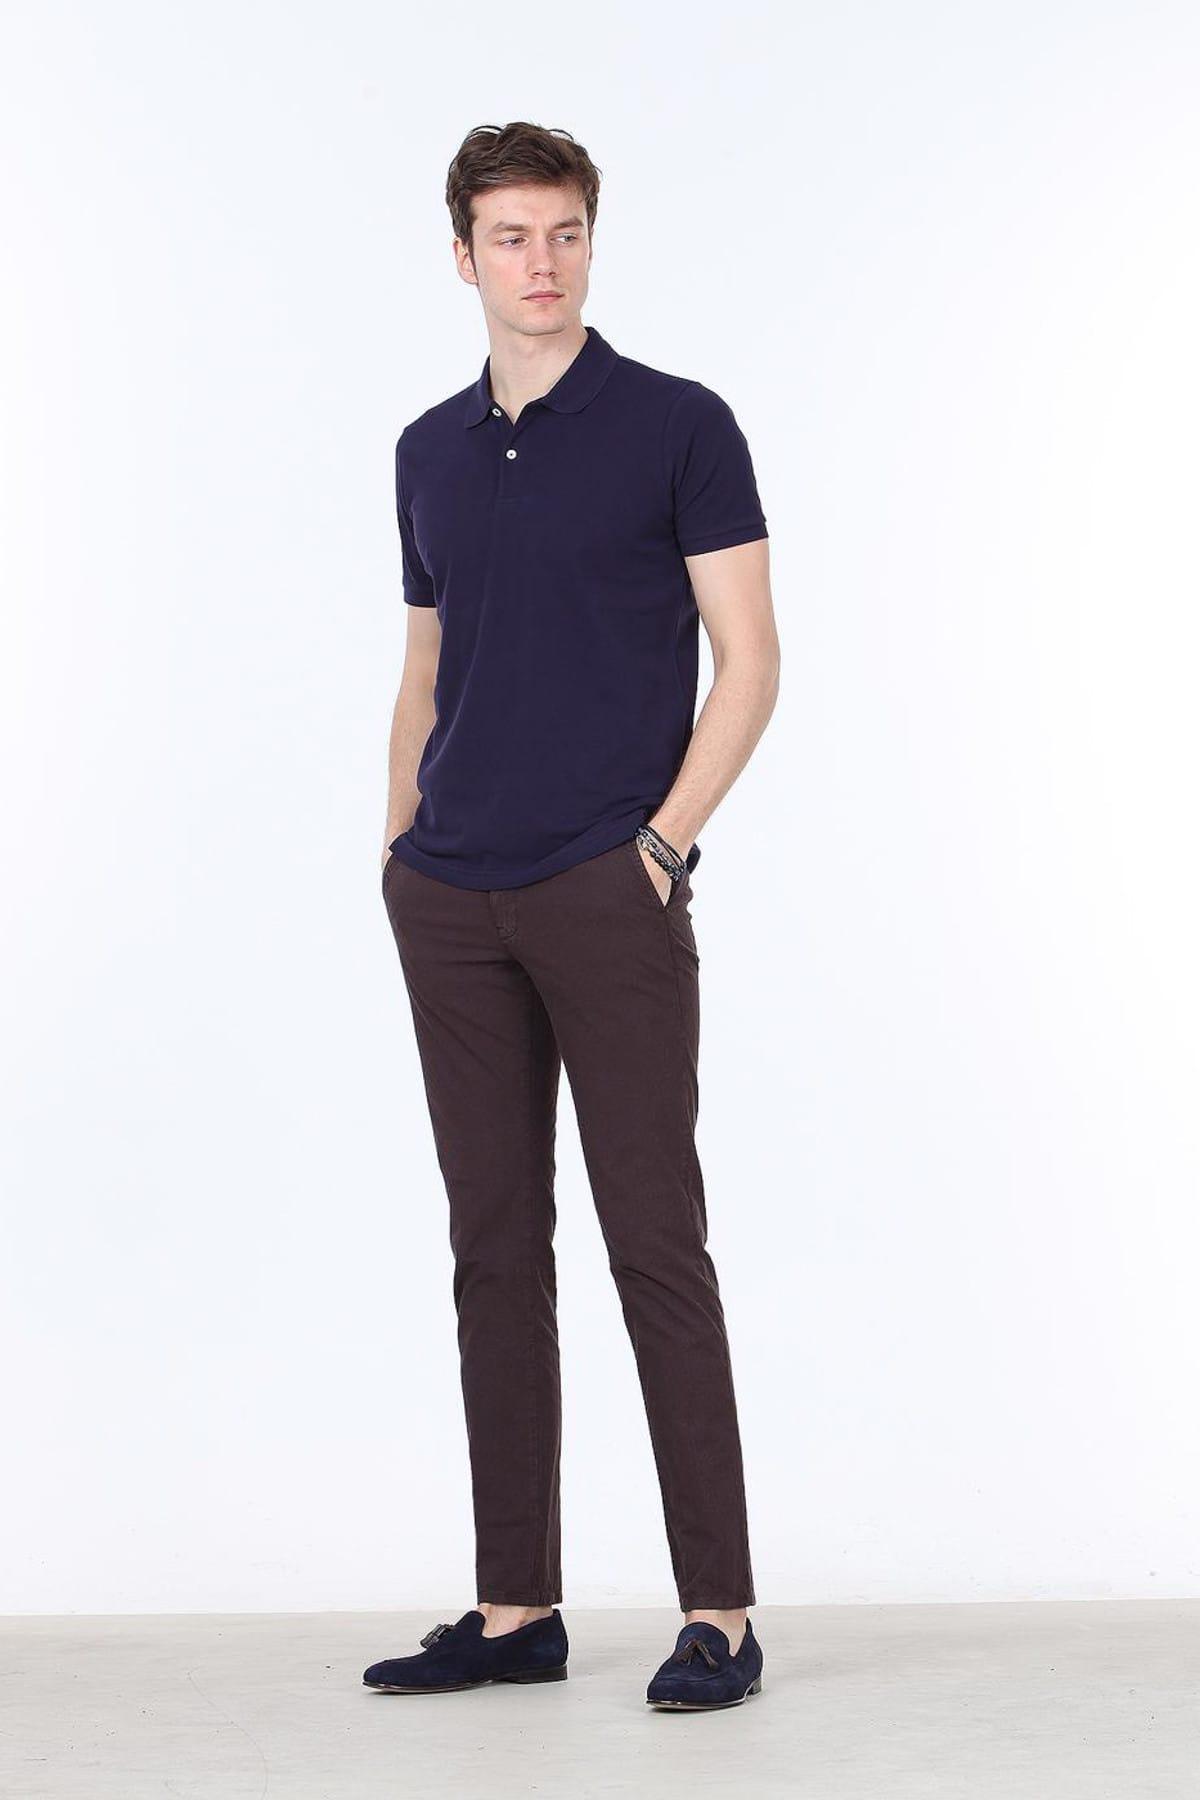 Ramsey Örme T-Shirt - RP10114201 2